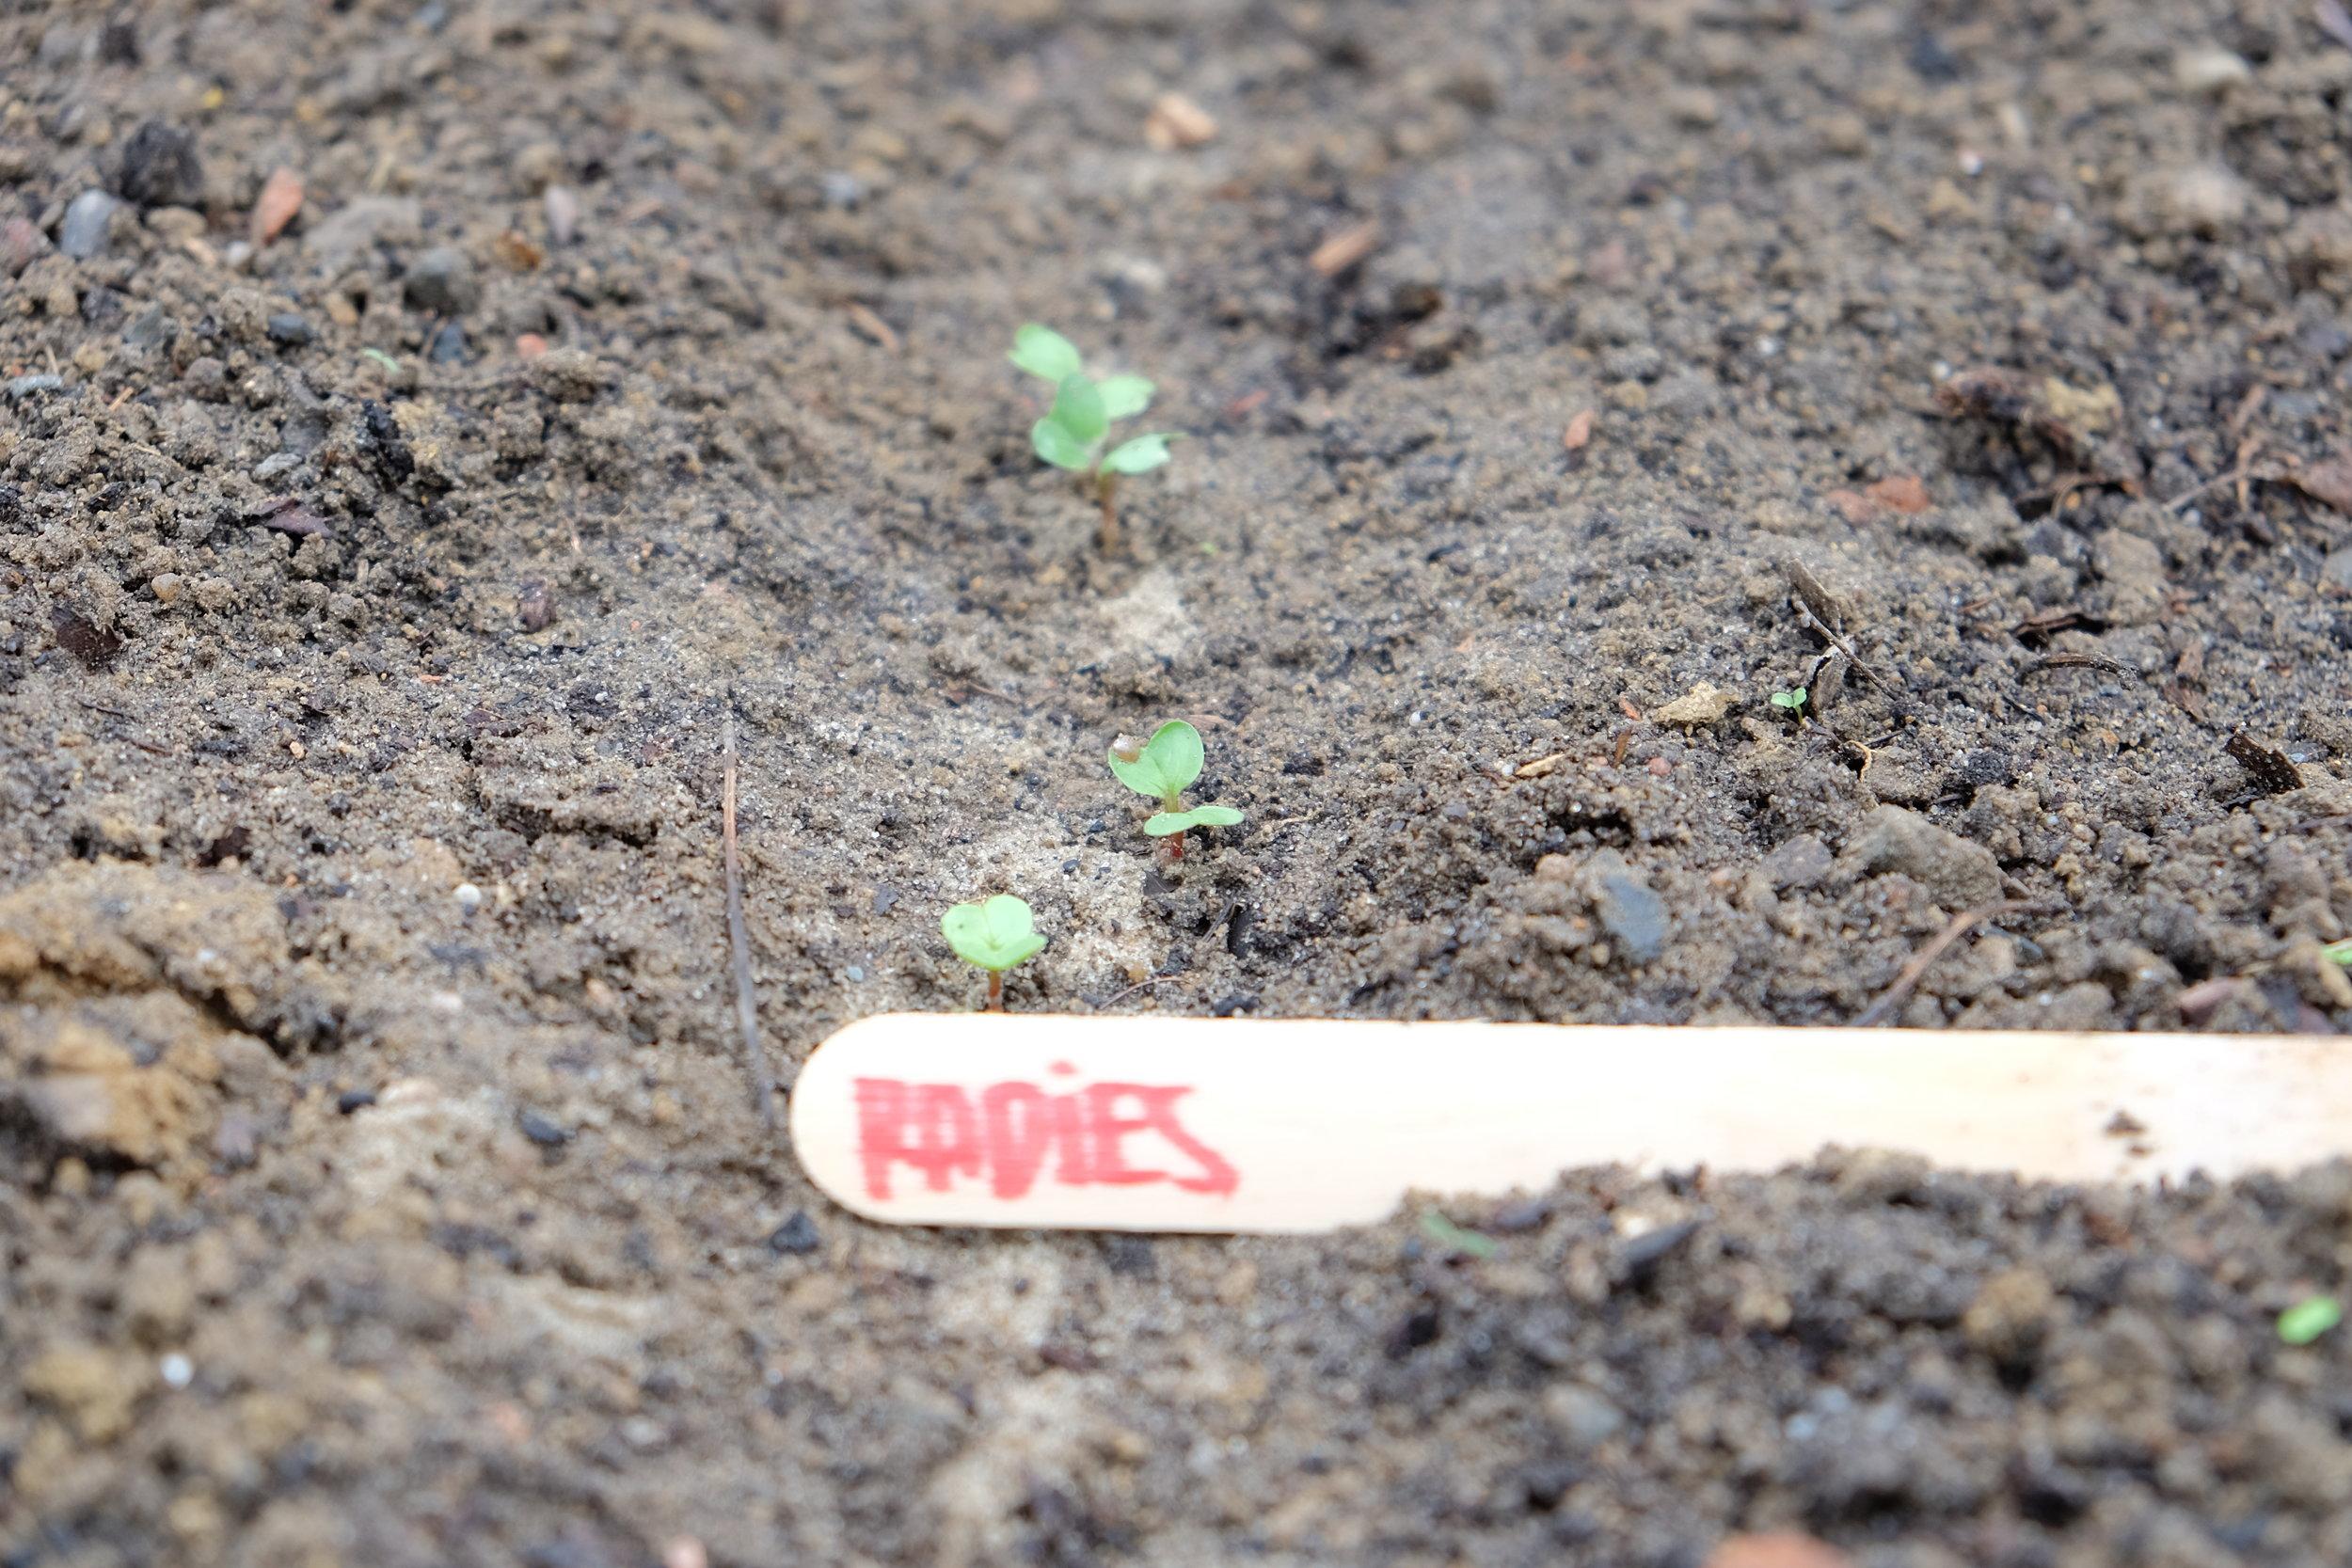 Radieschen - Lass' das Radieschen-Reihen in der ersten Woche ruhen. Erst wenn die ersten Keimlinge aufgehen, können kleine Unkrautpflanzen von Hand herausgezogen werden.